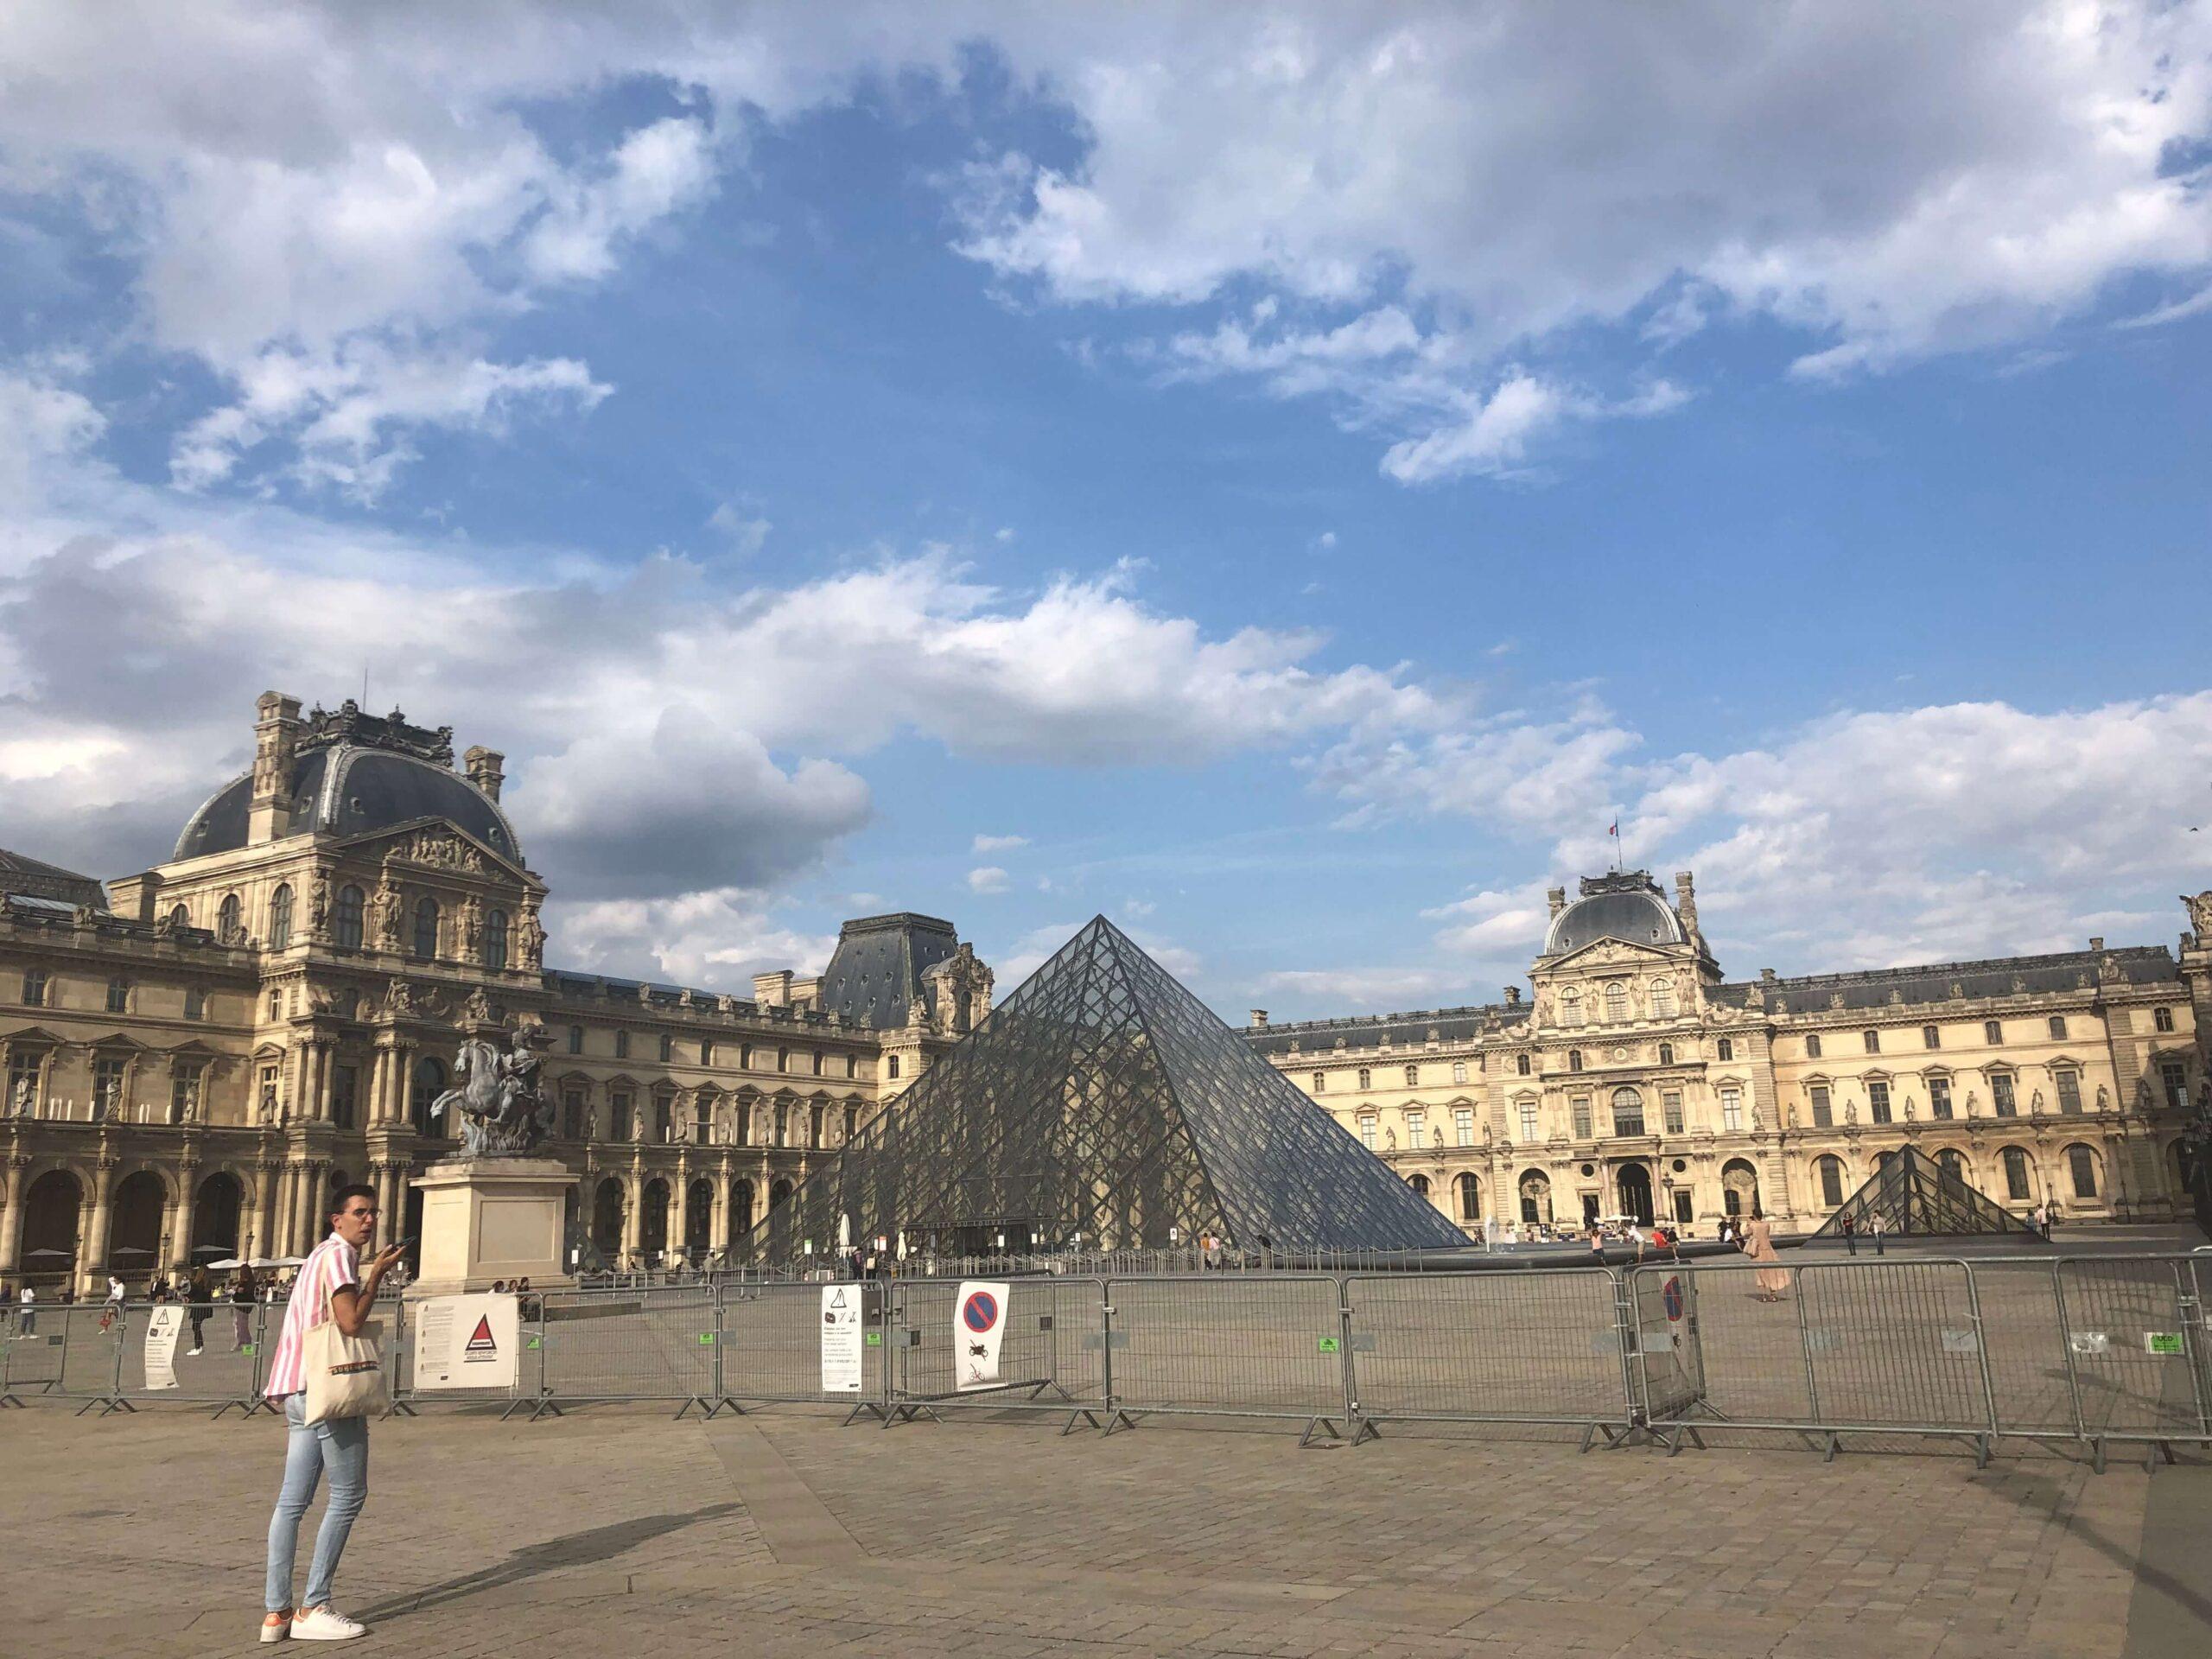 パリ最新情報「衛生パスポートの提出が義務化された、フランスの今」